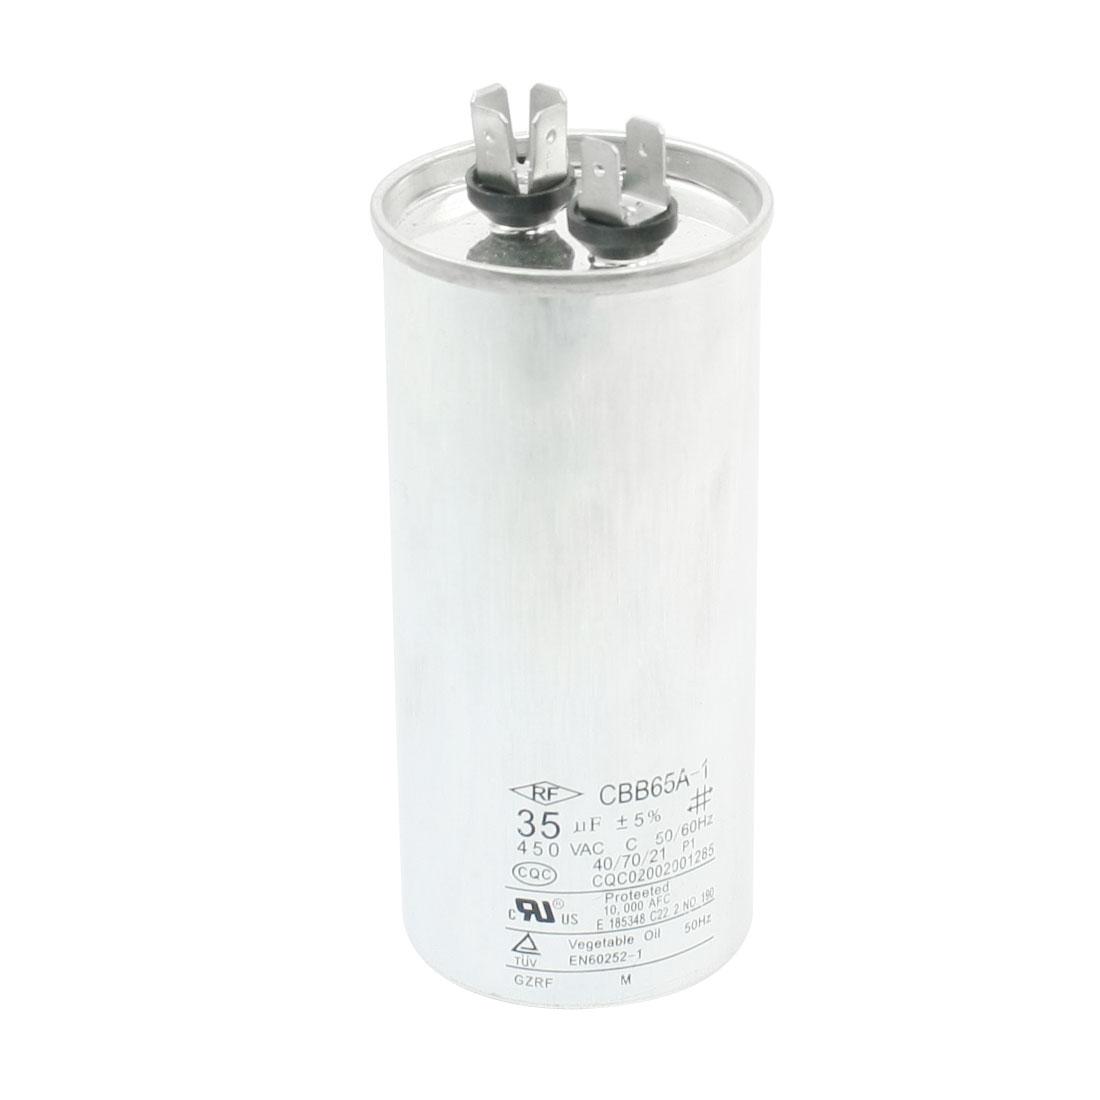 AC 450V 35uF 50/60Hz Lug Terminal Refrigerator Motor Running Capacitor CBB65A-1